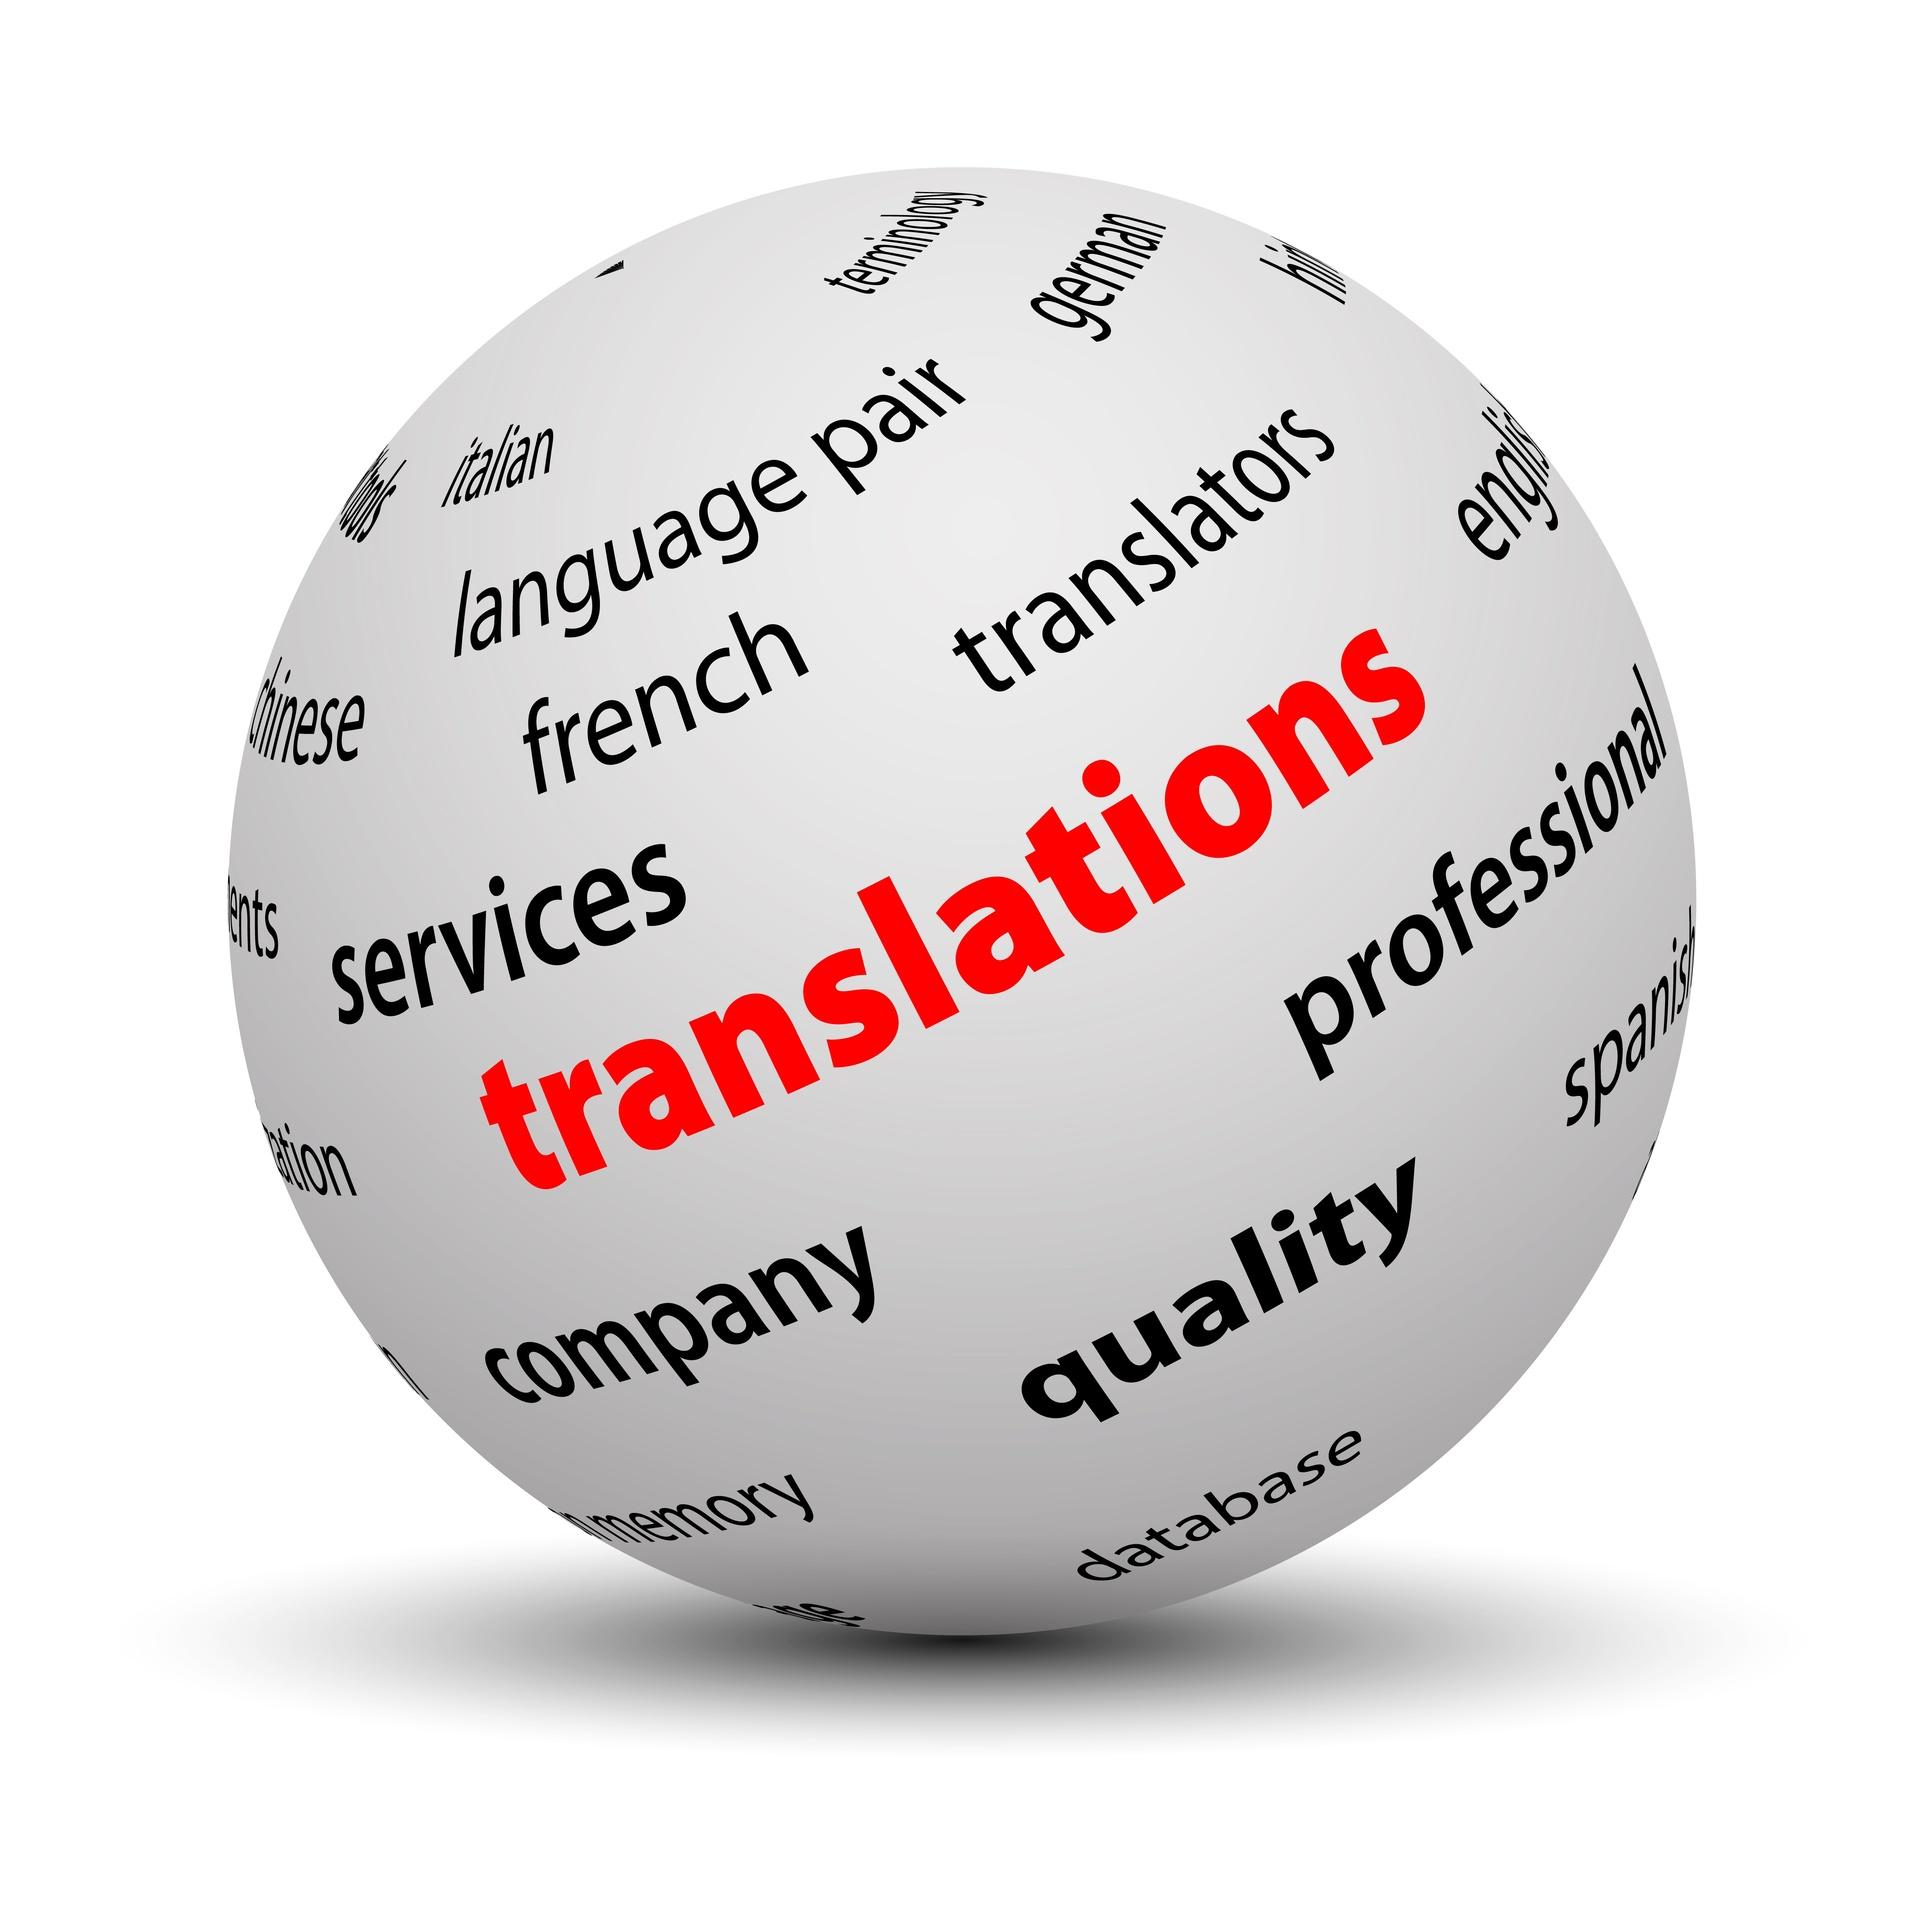 Text übersetzen, Übersetzungsbüro Dresden, Übersetzungen, Übersetzungsbüro Erfurt Übersetzungsbüro Regensburg Übersetzungsbüro Leipzig